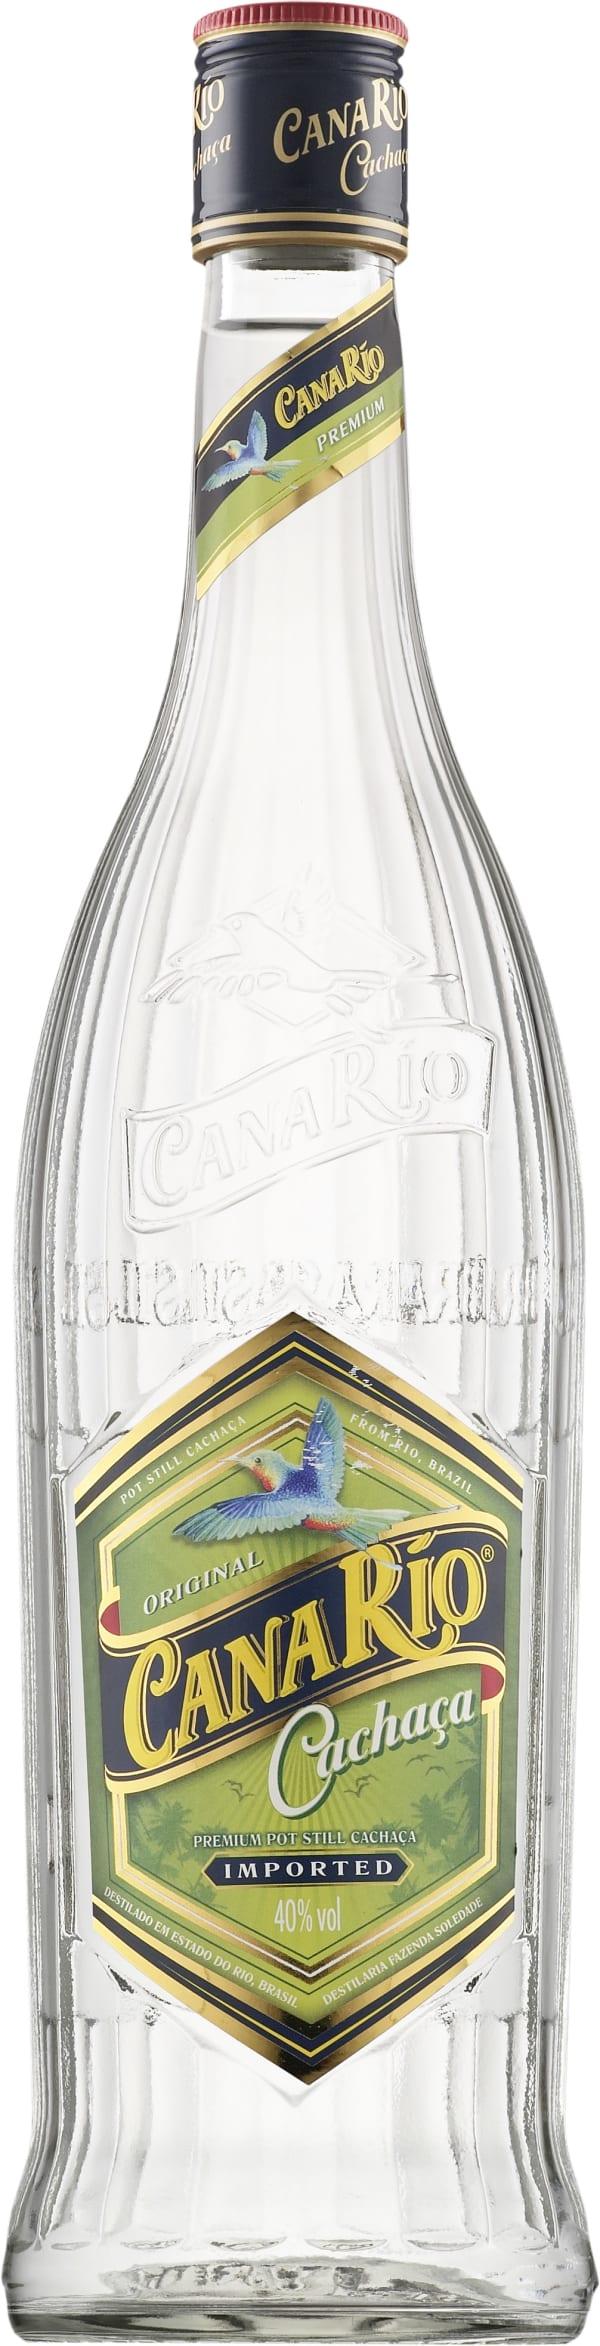 Cana Rio Cachaça